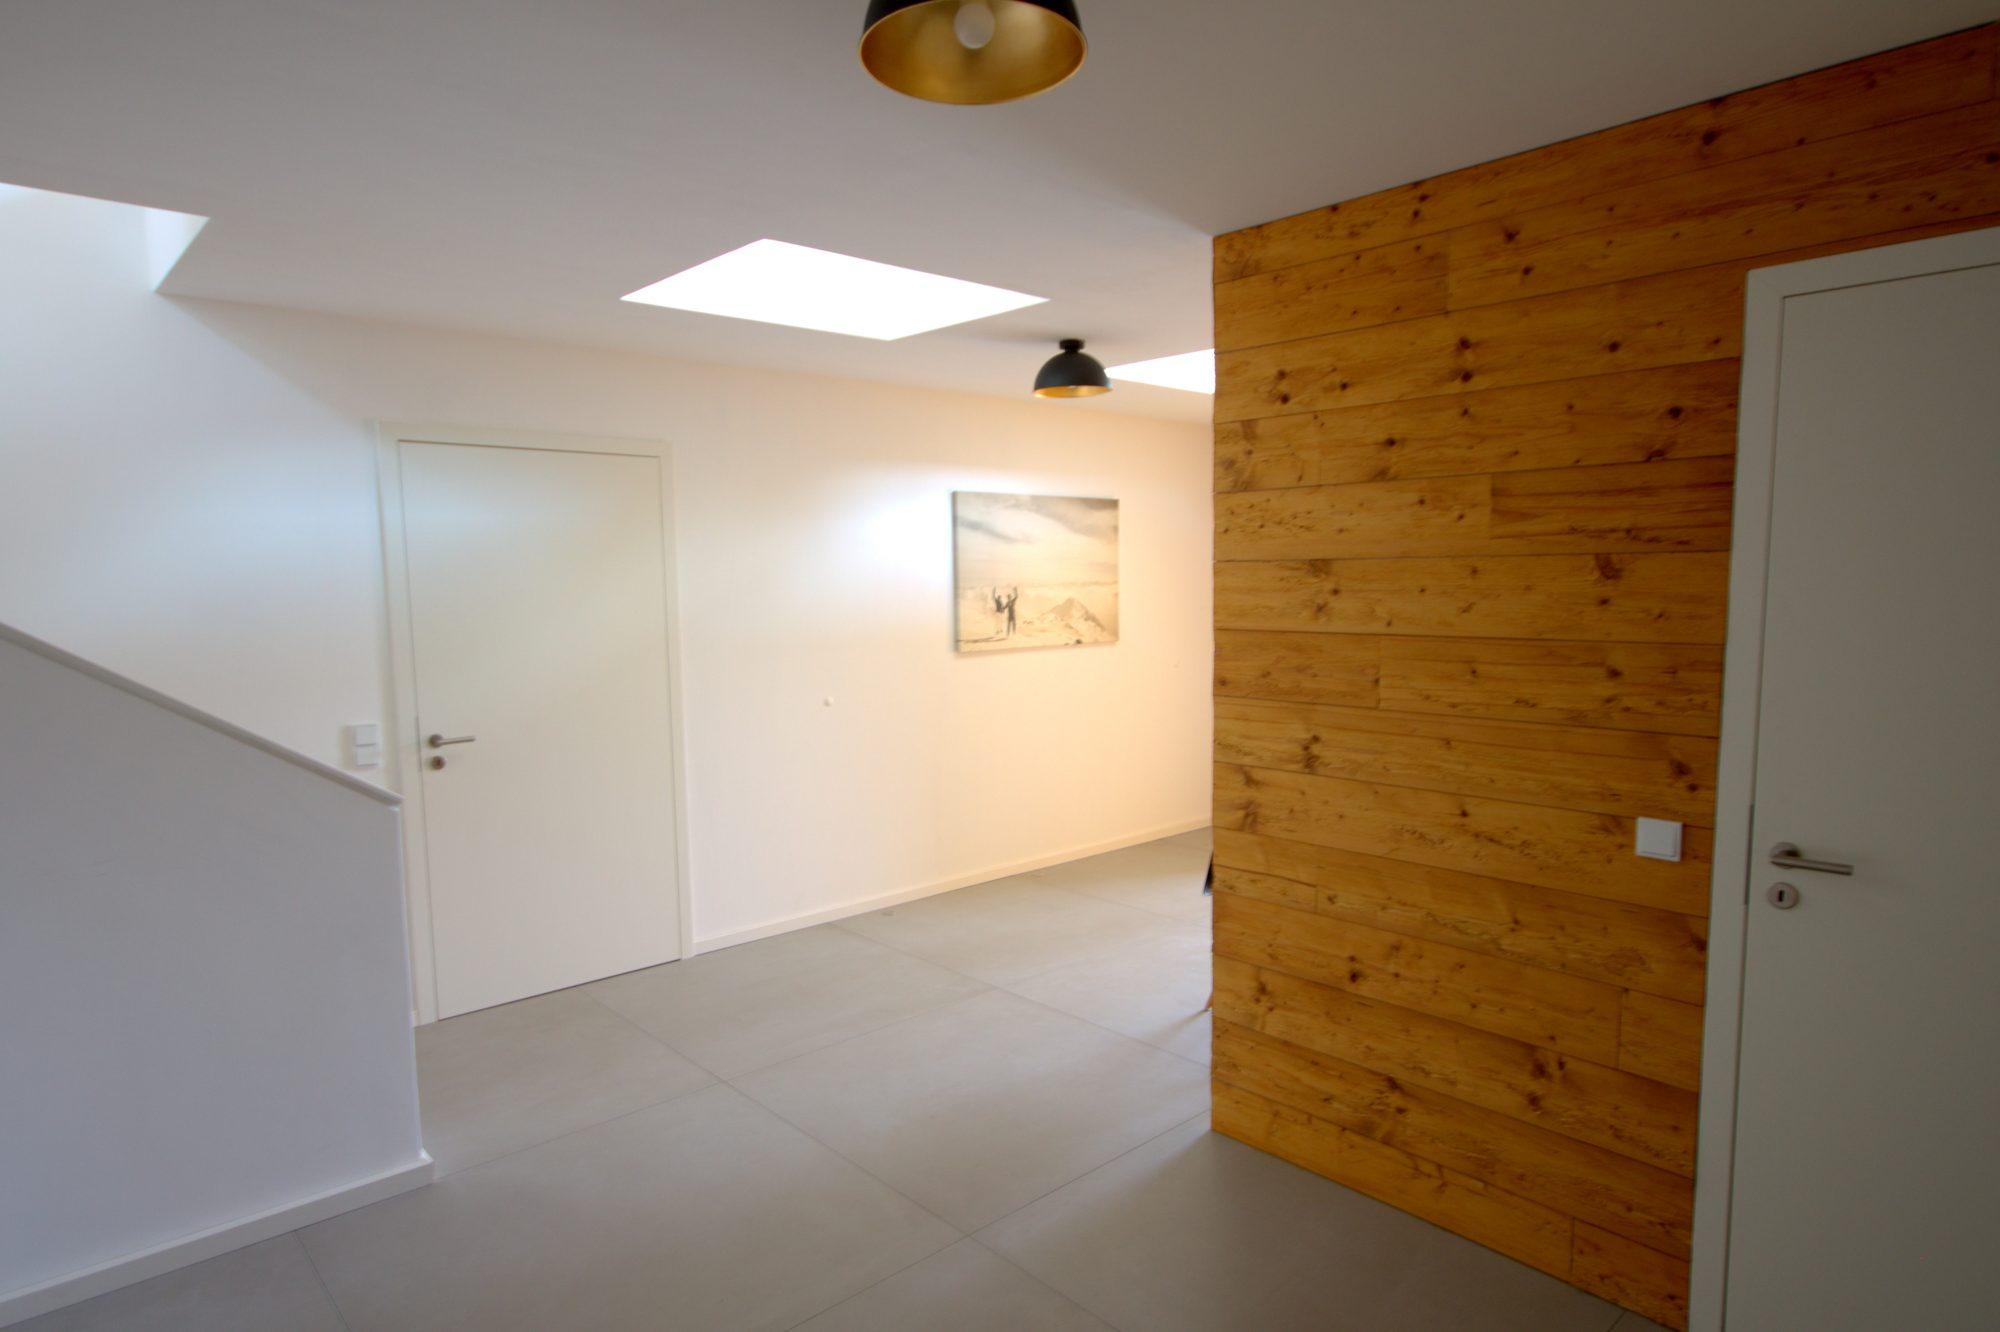 Innentür weißlack, stumpf einschlagend mit verdeckt liegenden Bändern - Flächenbündig in Holzverkleidung integriert